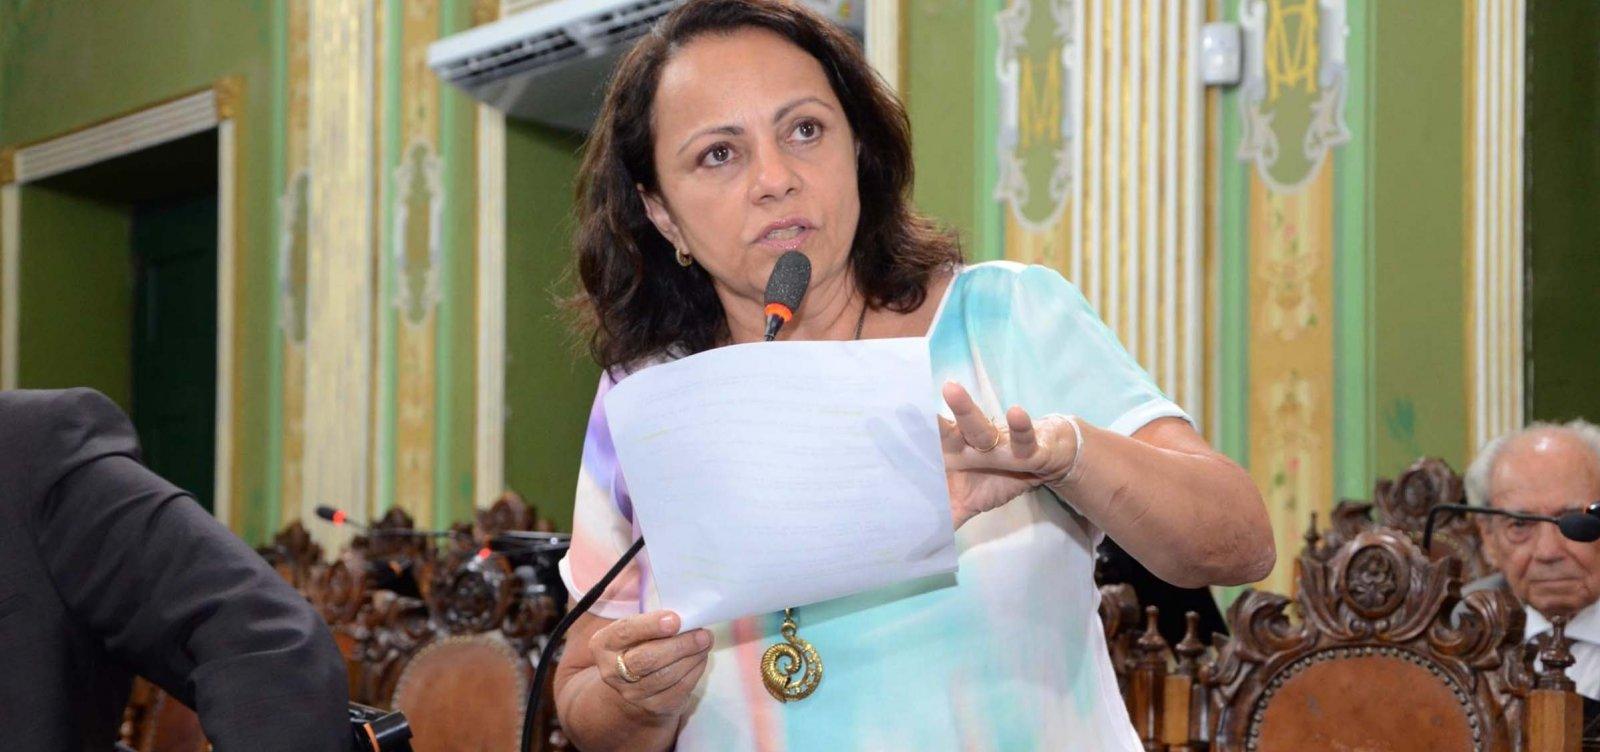 [Aladilce Souza apresenta moção de repúdio contra corte de verbas da Ufba]